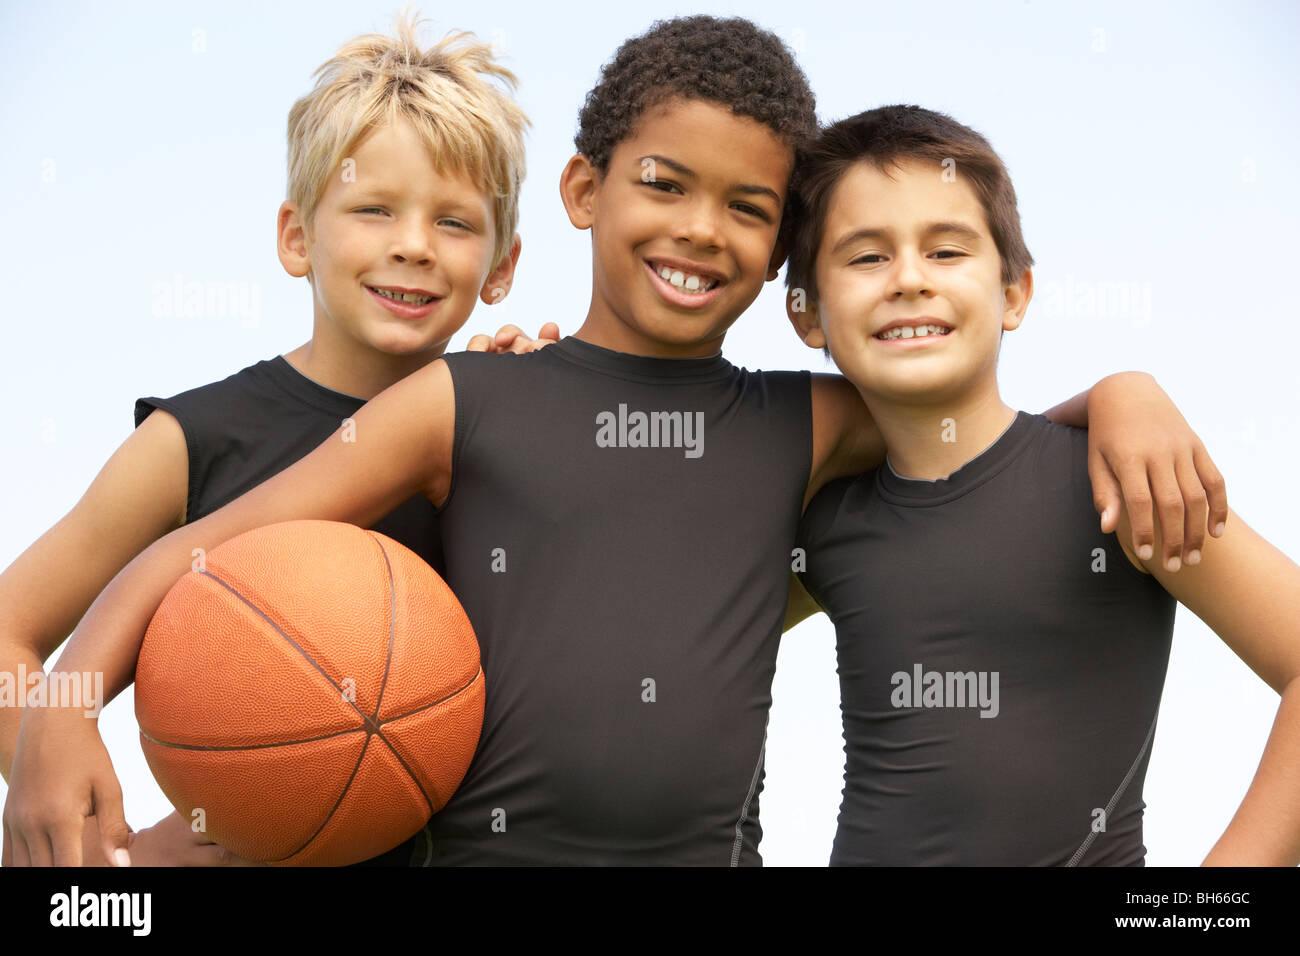 Les jeunes garçons dans l'équipe de basket-ball Photo Stock